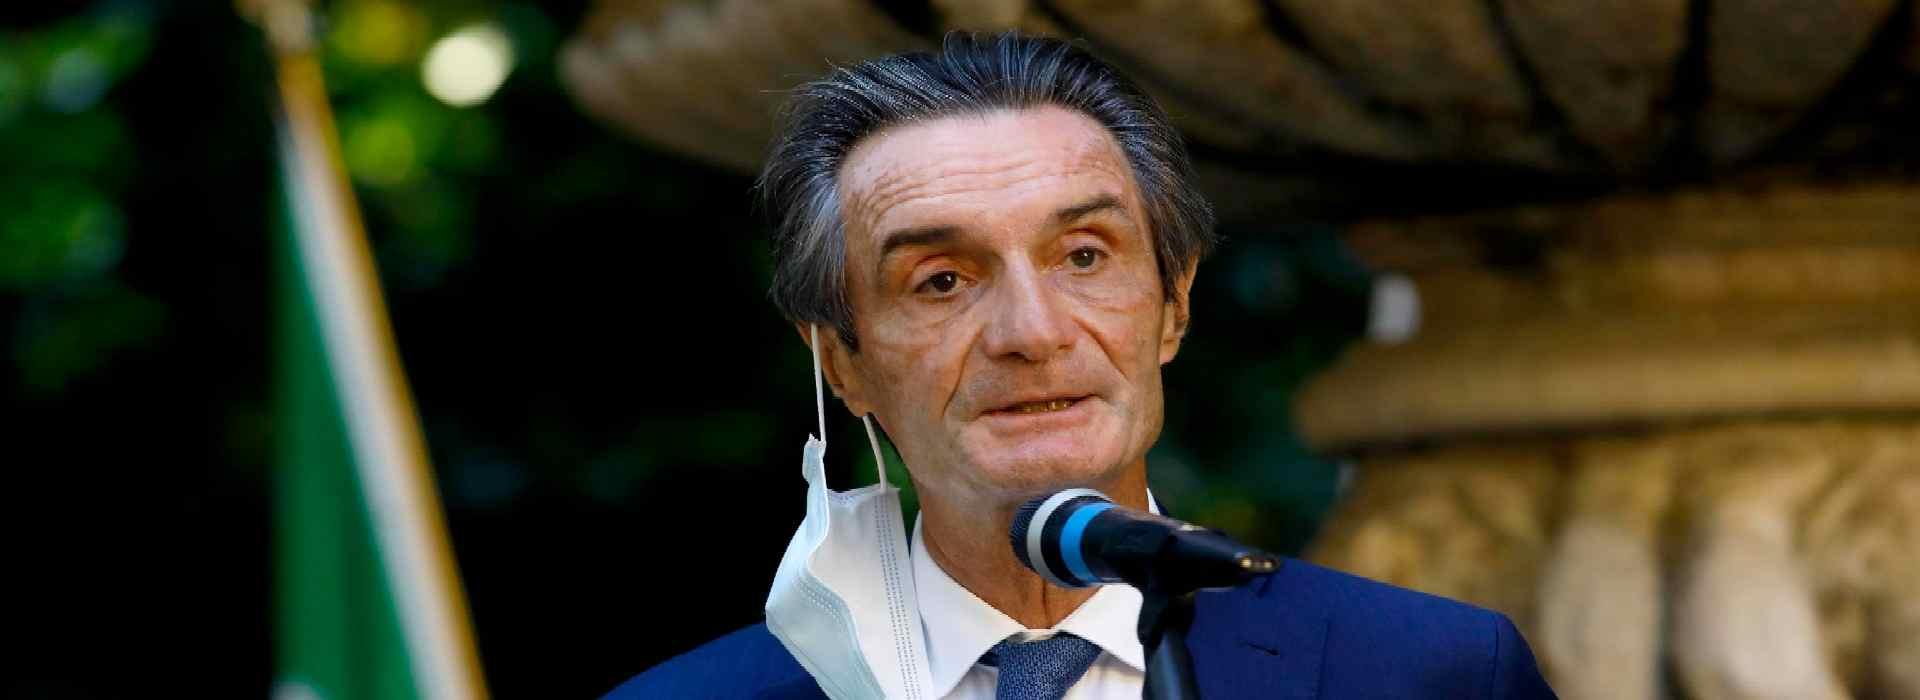 Attilio Fontana indagato per autoriciclaggio e false dichiarazioni